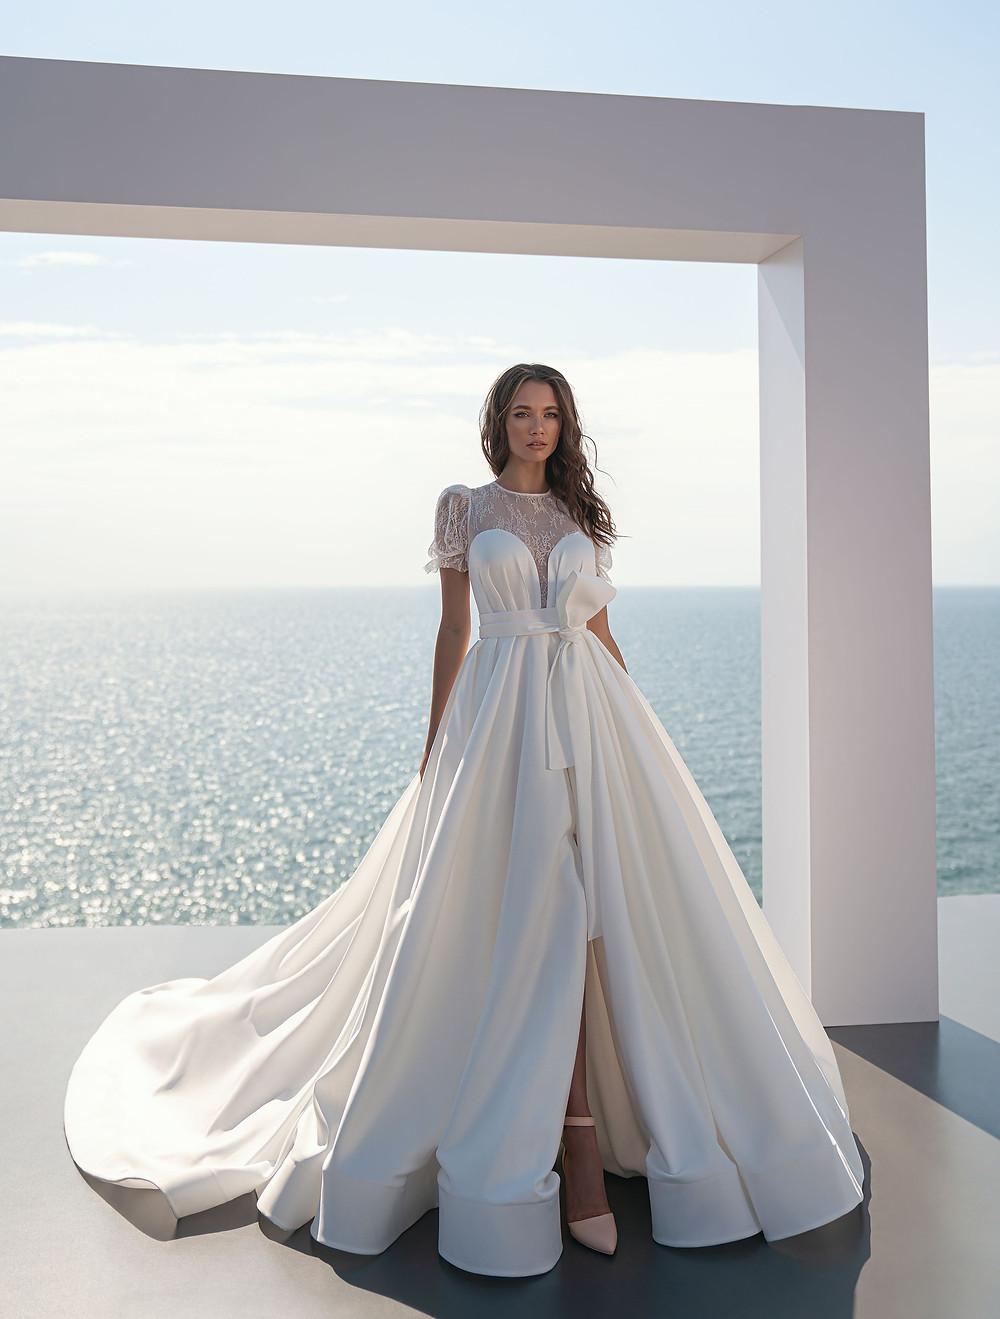 rochii de mireasa printesa, rochii de mireasa tip A, rochii de mireasa